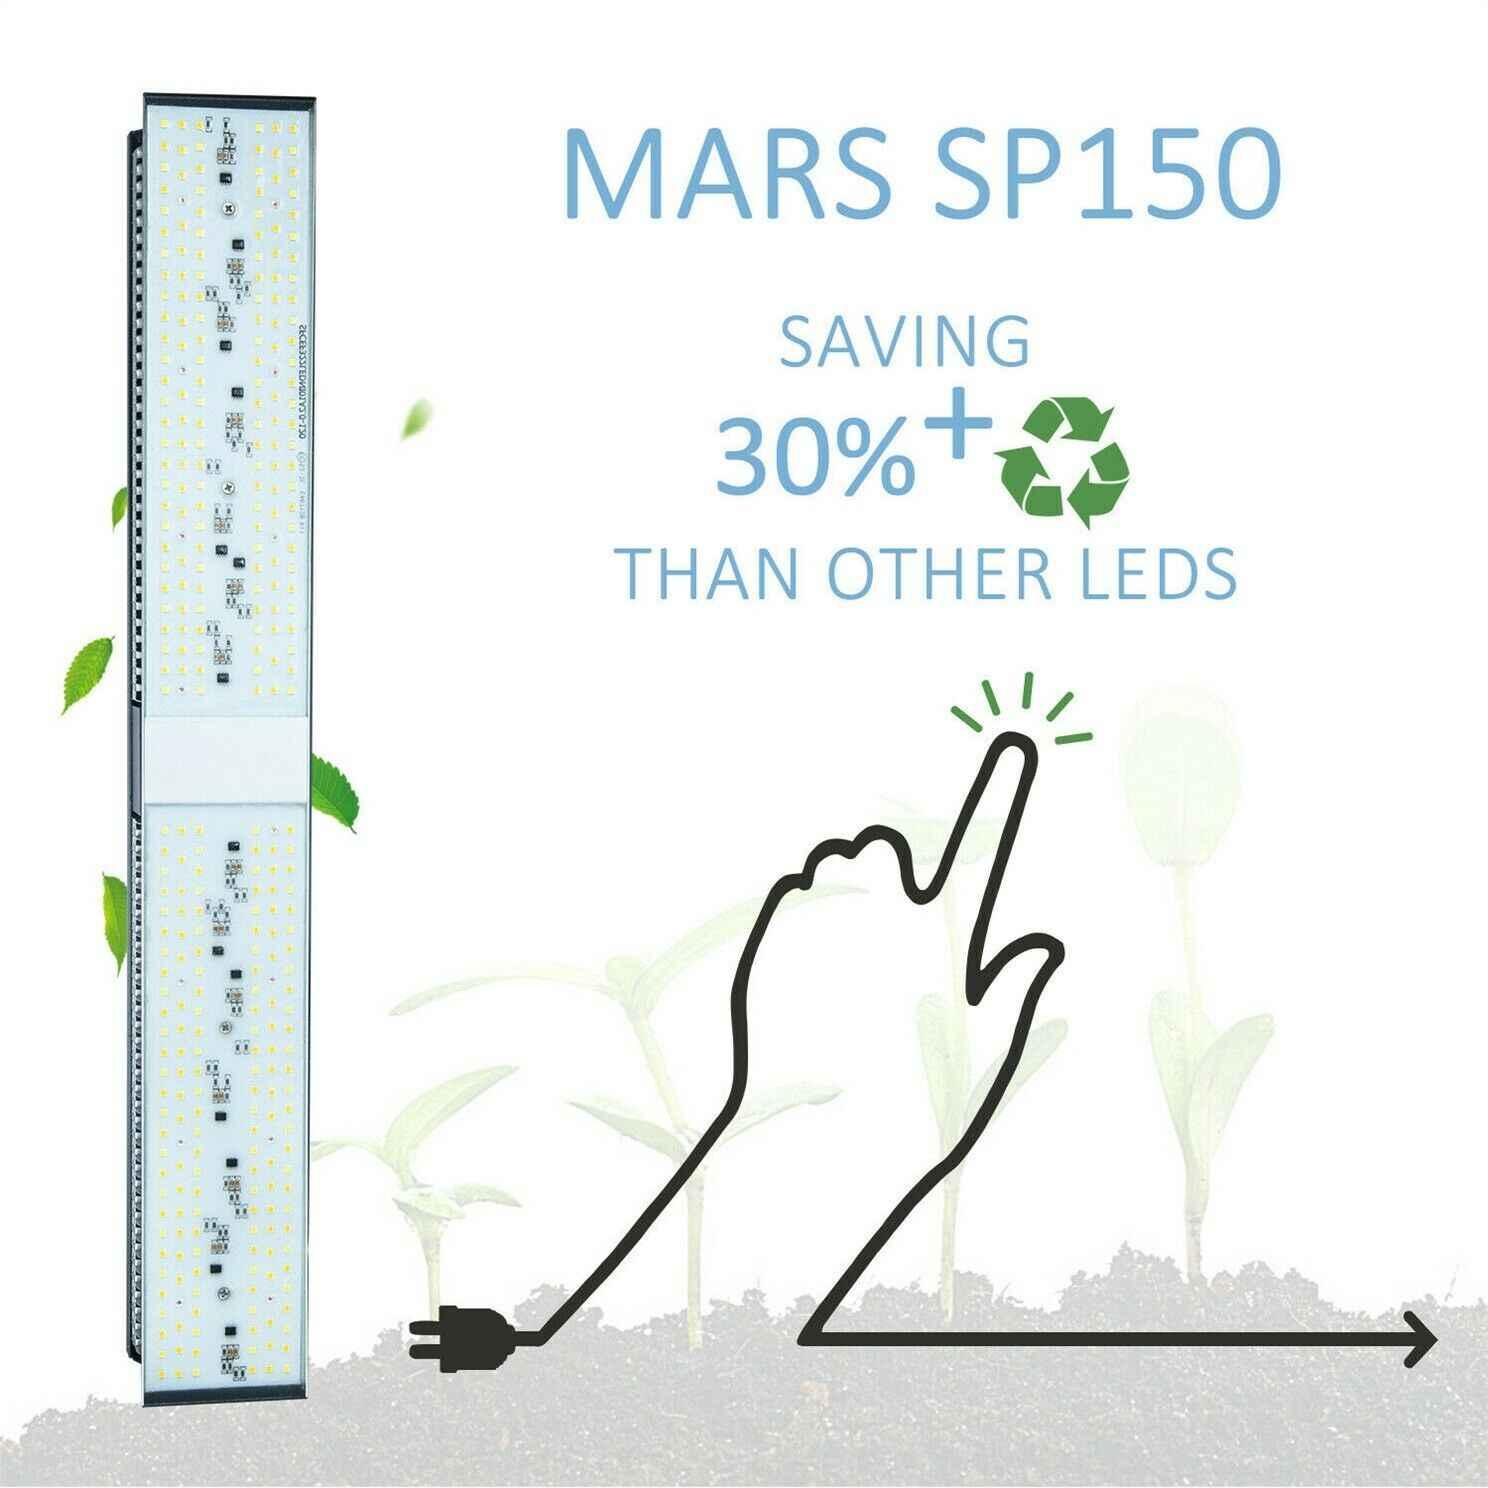 Più nuovo Mars Hydro SP 150 250 LED Coltiva La Luce a Spettro Completo Impianto Al Coperto Veg Fiore Lampada Meanwell Driver Zero Rumore impermeabile